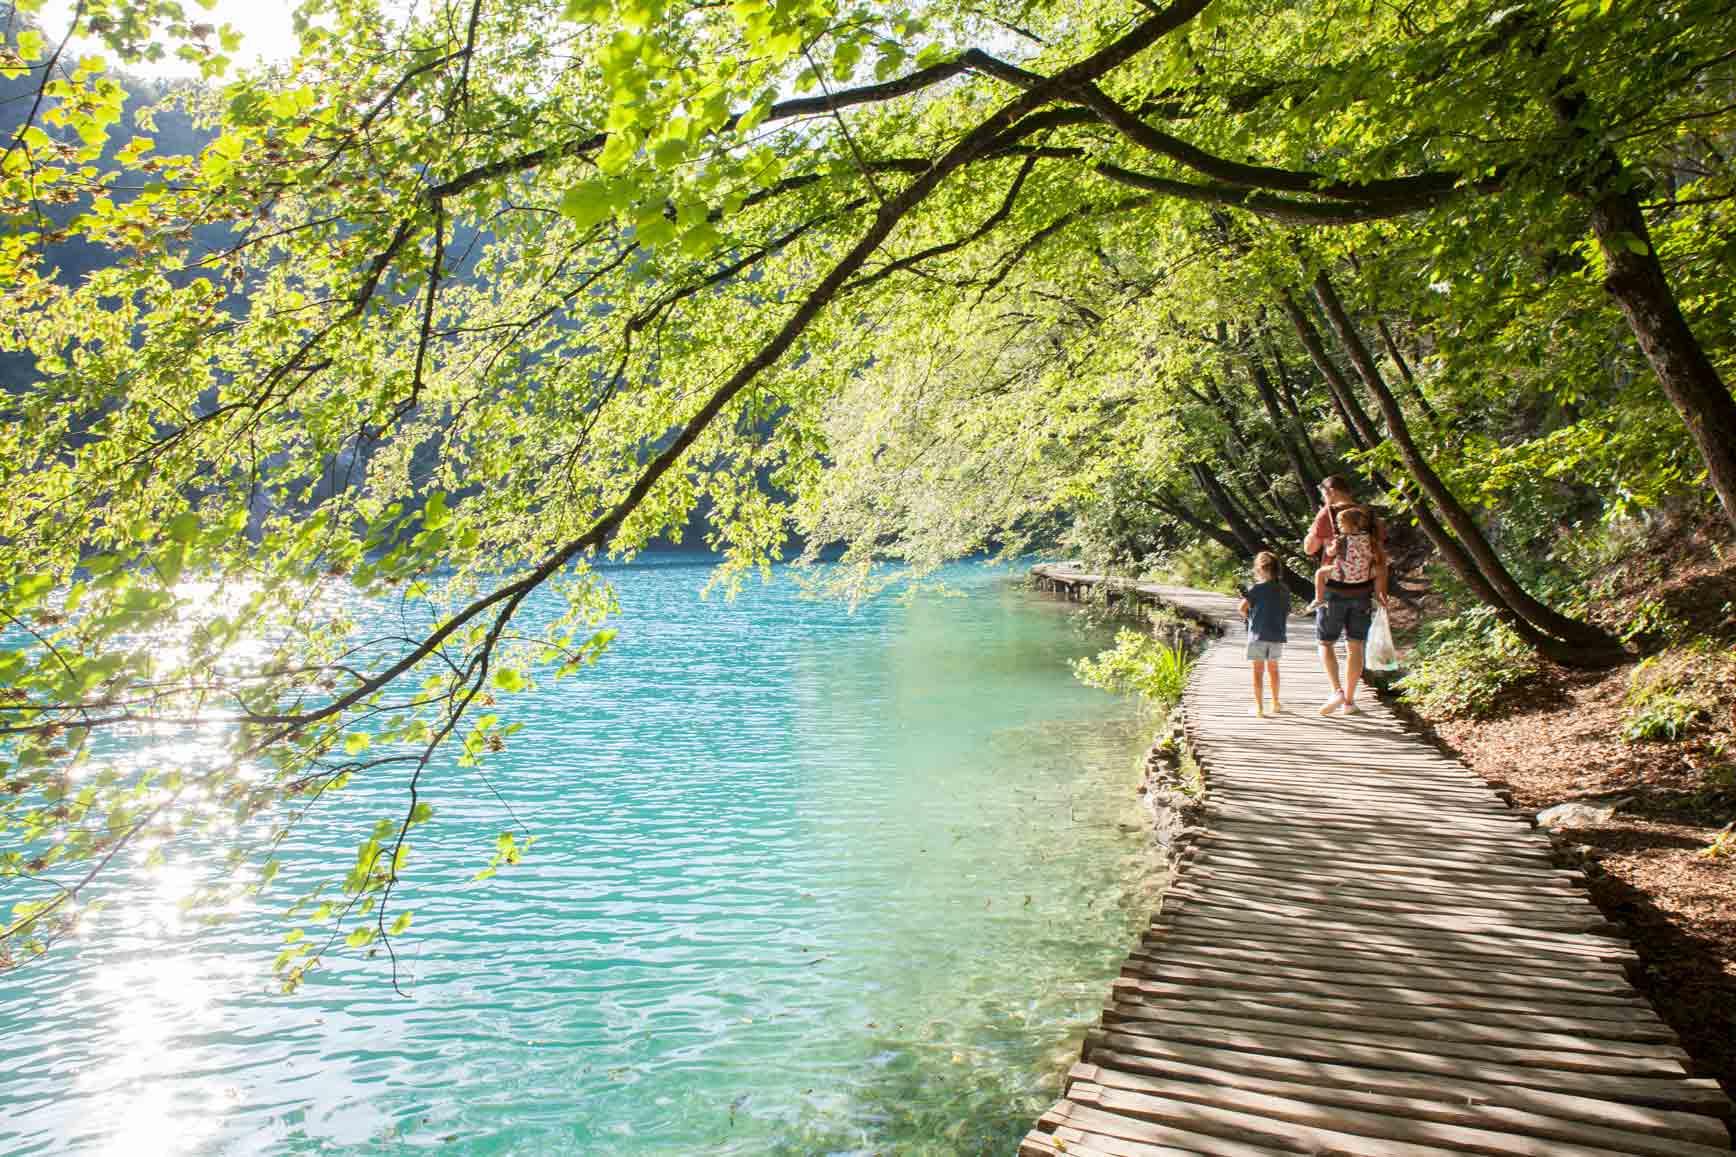 lagos-de-plitvice_claraBmartin_06